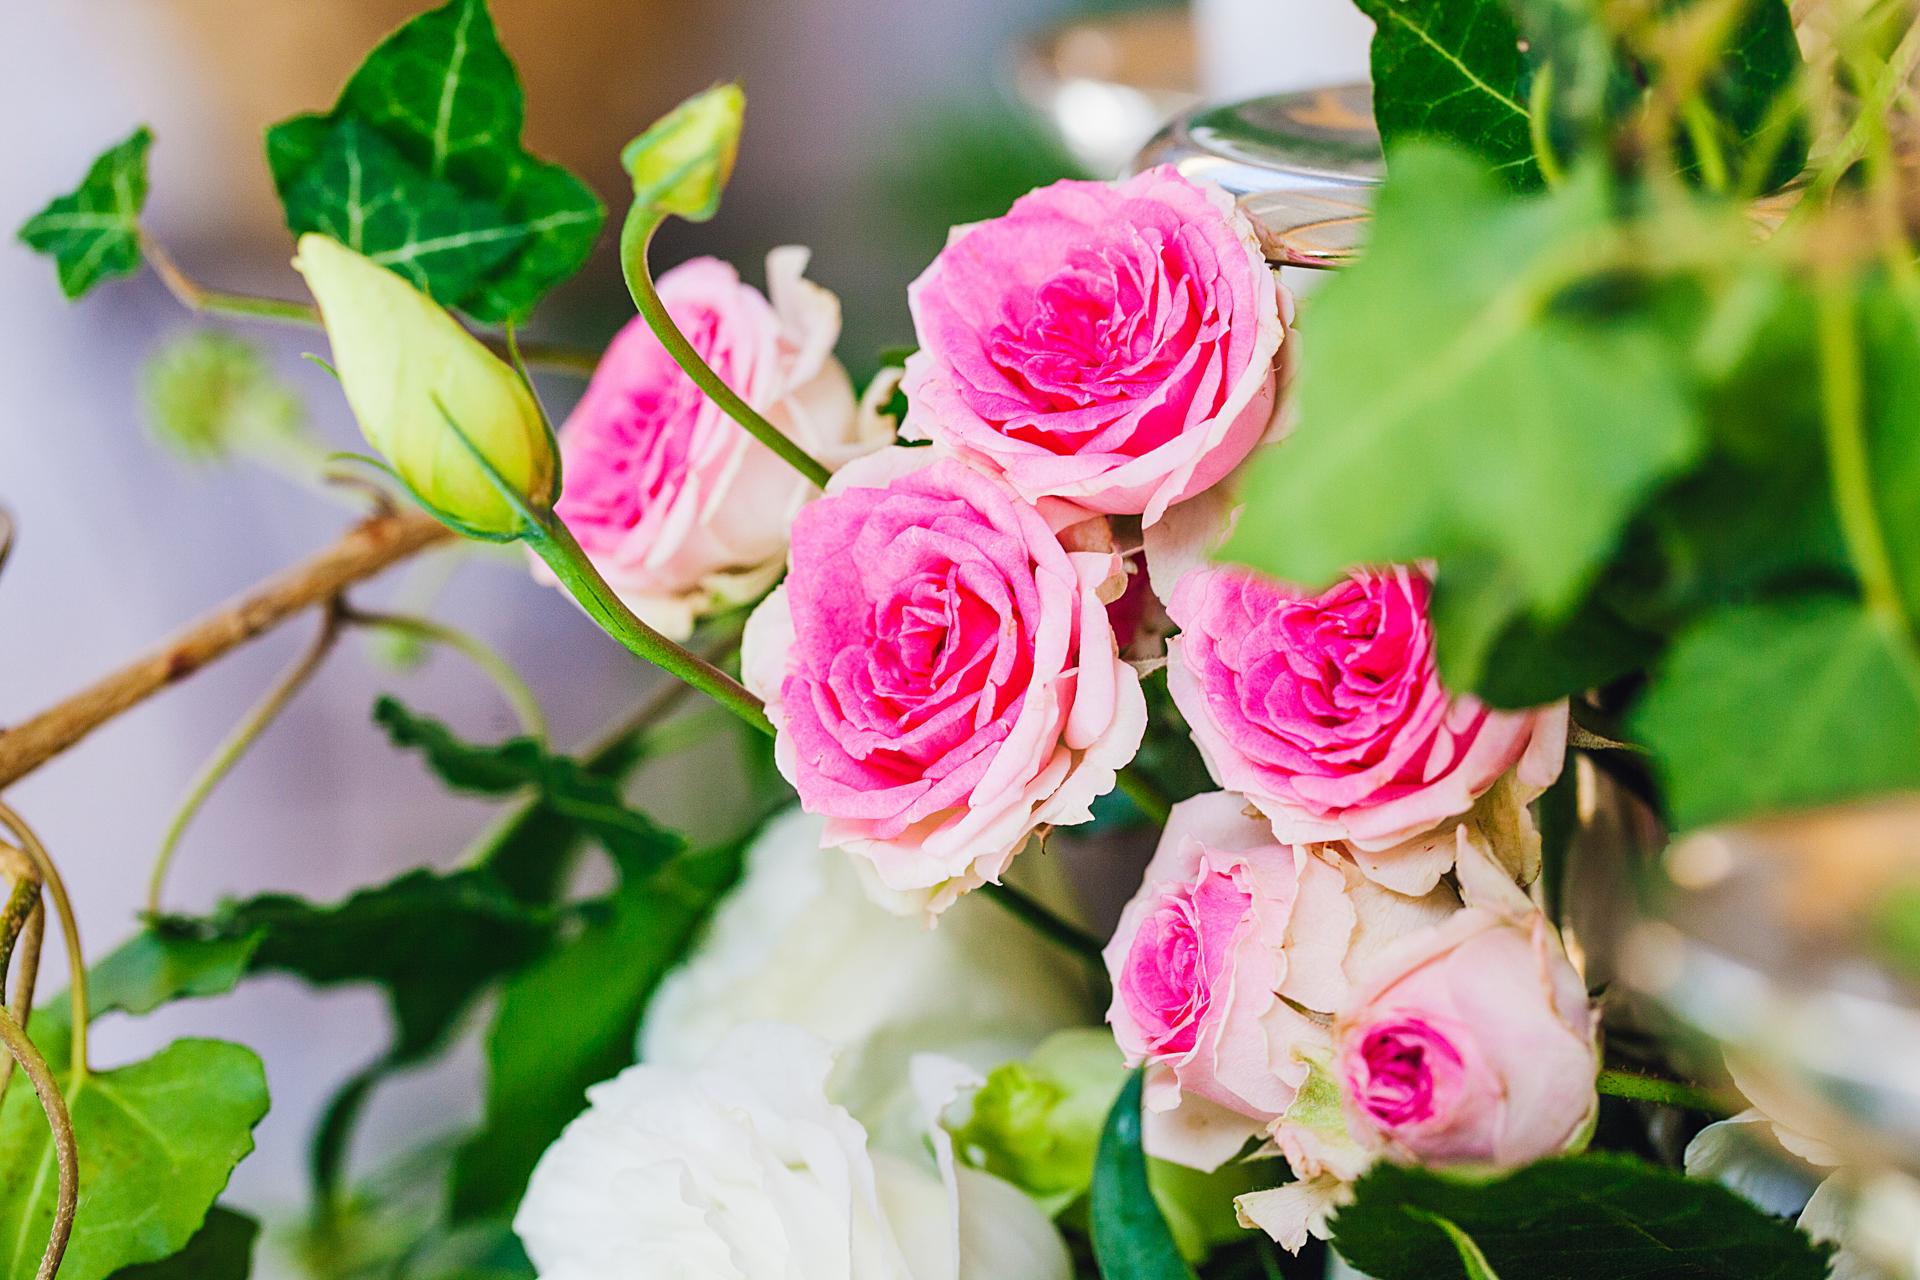 Fleur nature fleuriste domaine des lochereaux louerre 49 - Initiatives fleurs et nature ...